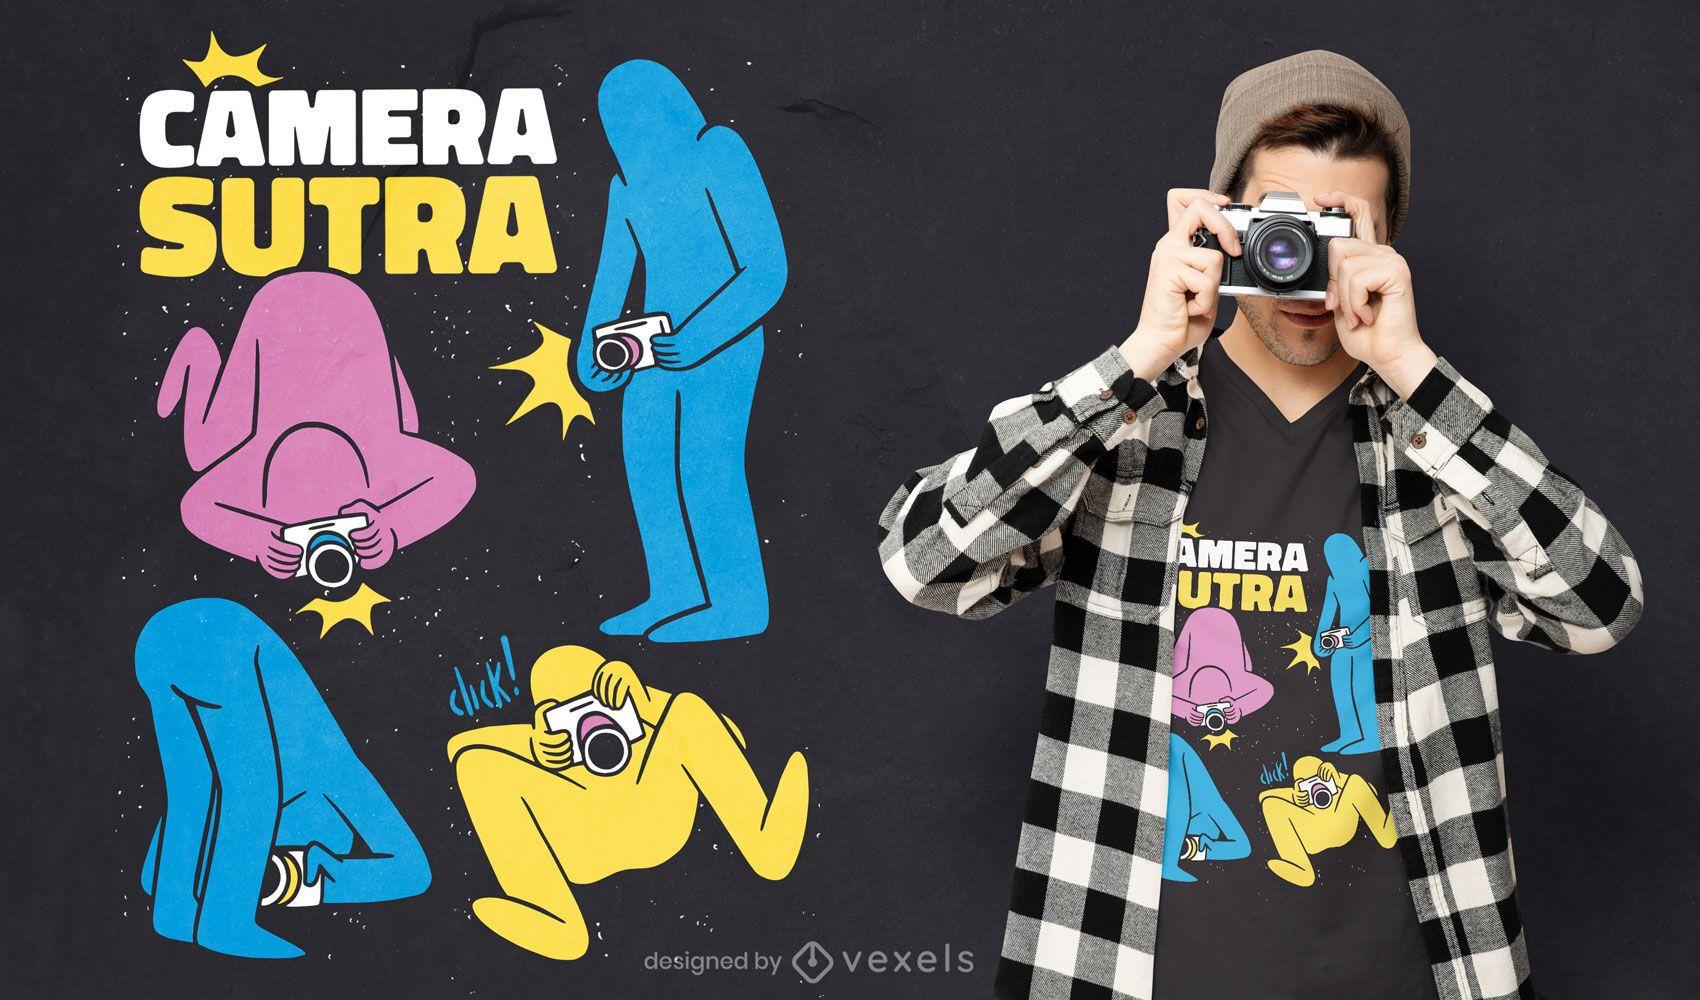 Camera sutra t-shirt design